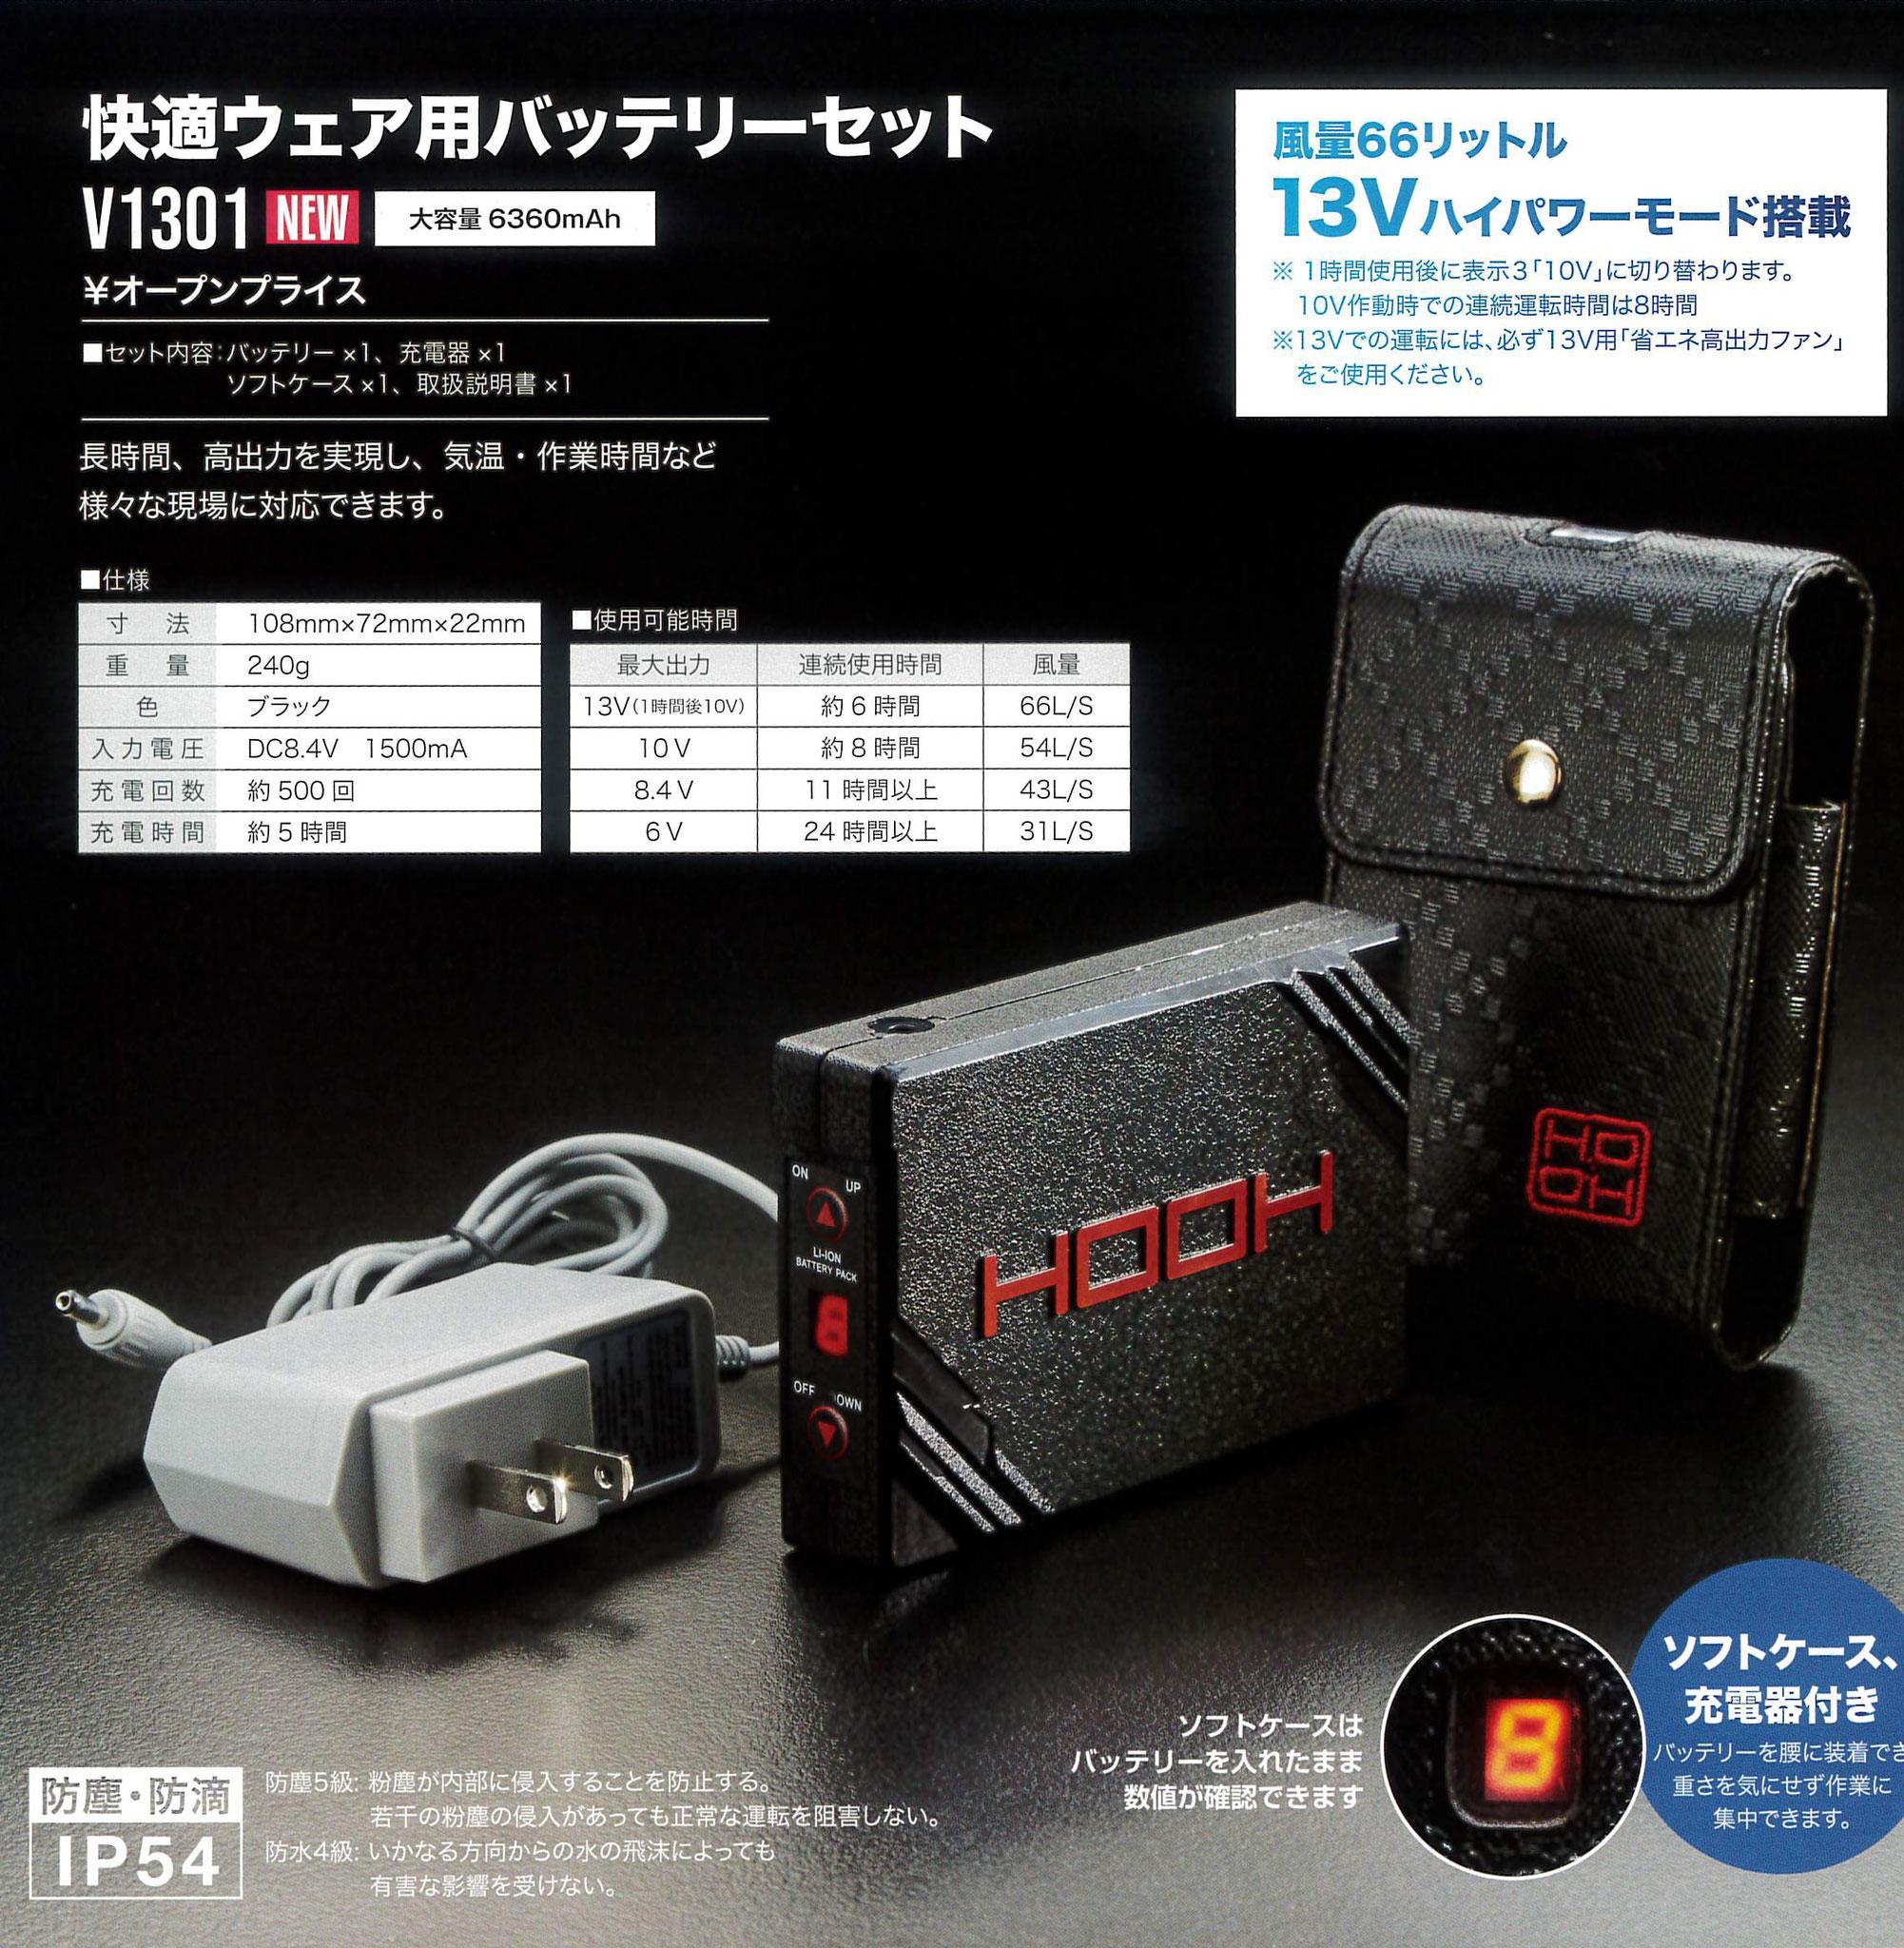 V1301  バッテリーセット ¥11,900(税込)